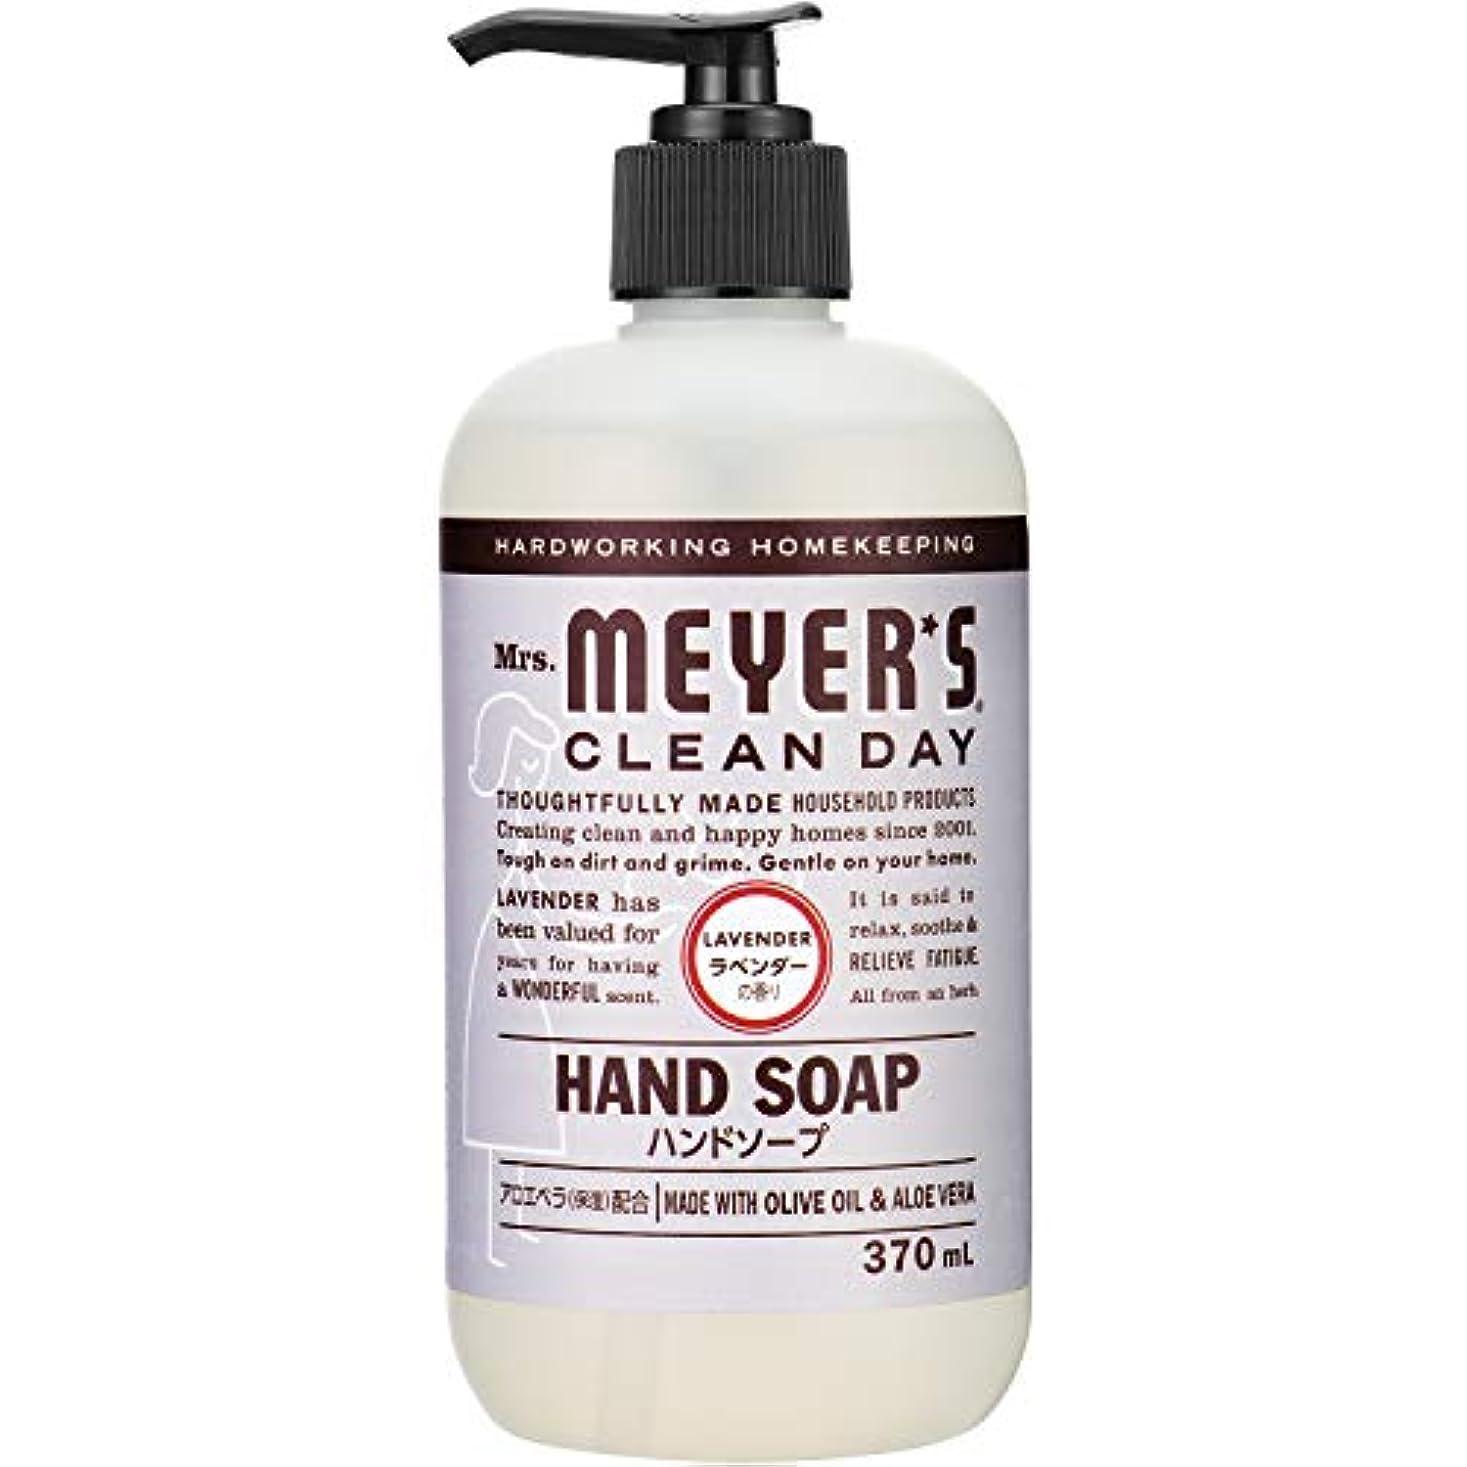 断線コイン災難Mrs. MEYER'S CLEAN DAY(ミセスマイヤーズ クリーンデイ) ミセスマイヤーズ クリーンデイ(Mrs.Meyers Clean Day) ハンドソープ ラベンダーの香り 370ml